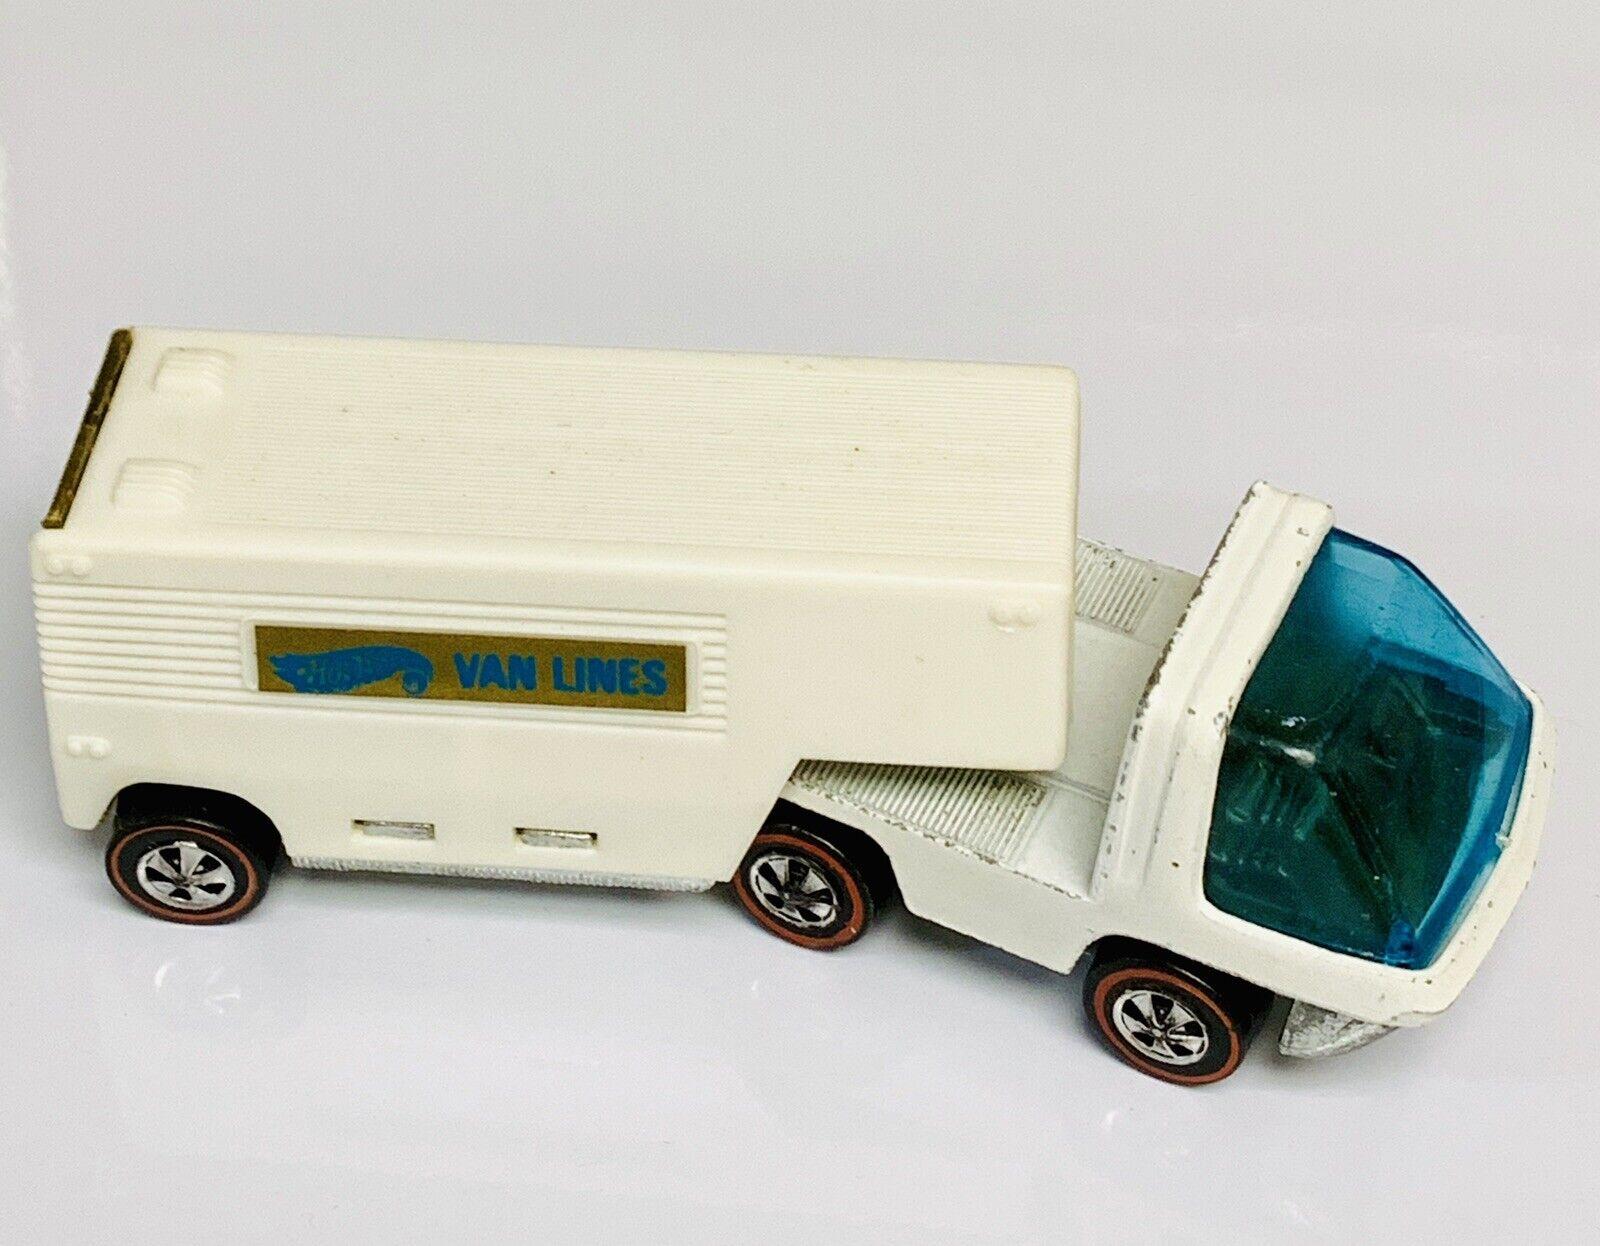 Hot Wheels rotline Heavyweights Weiß Enamel Moving Van Lines